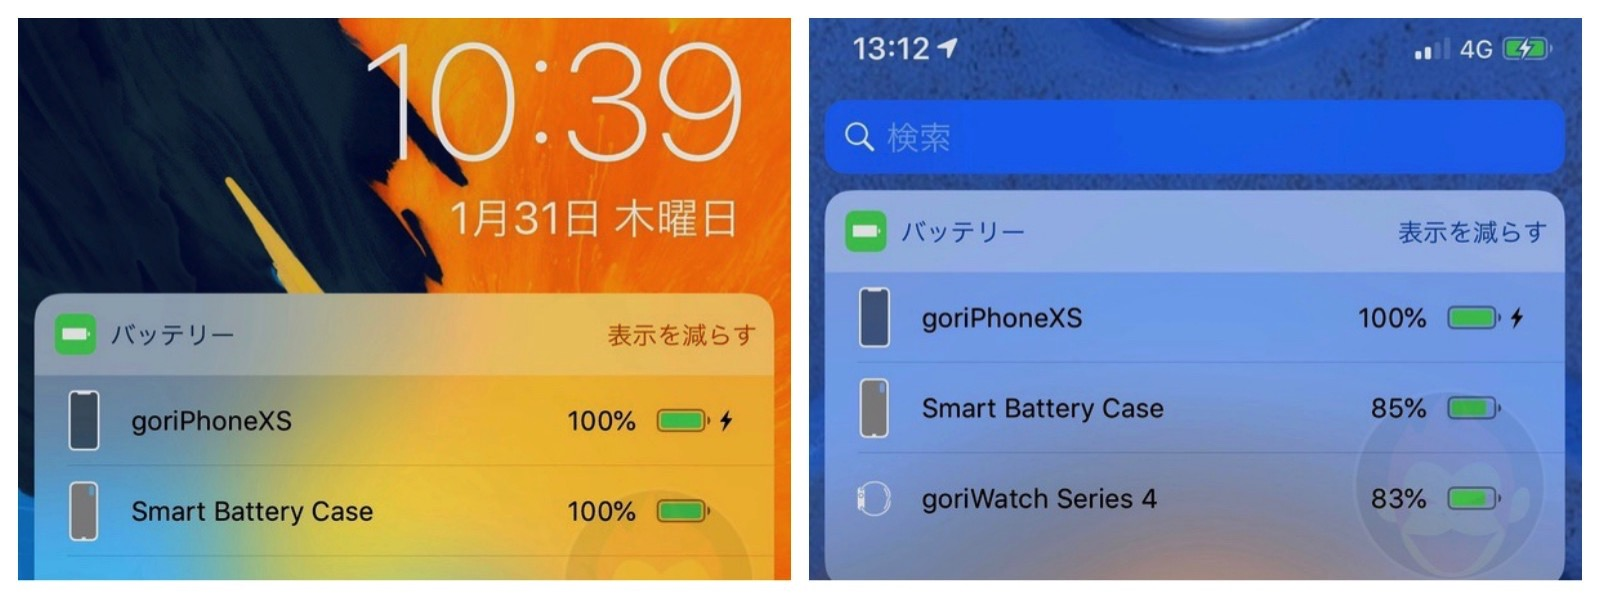 Smart-Battery-Disney-1.jpg